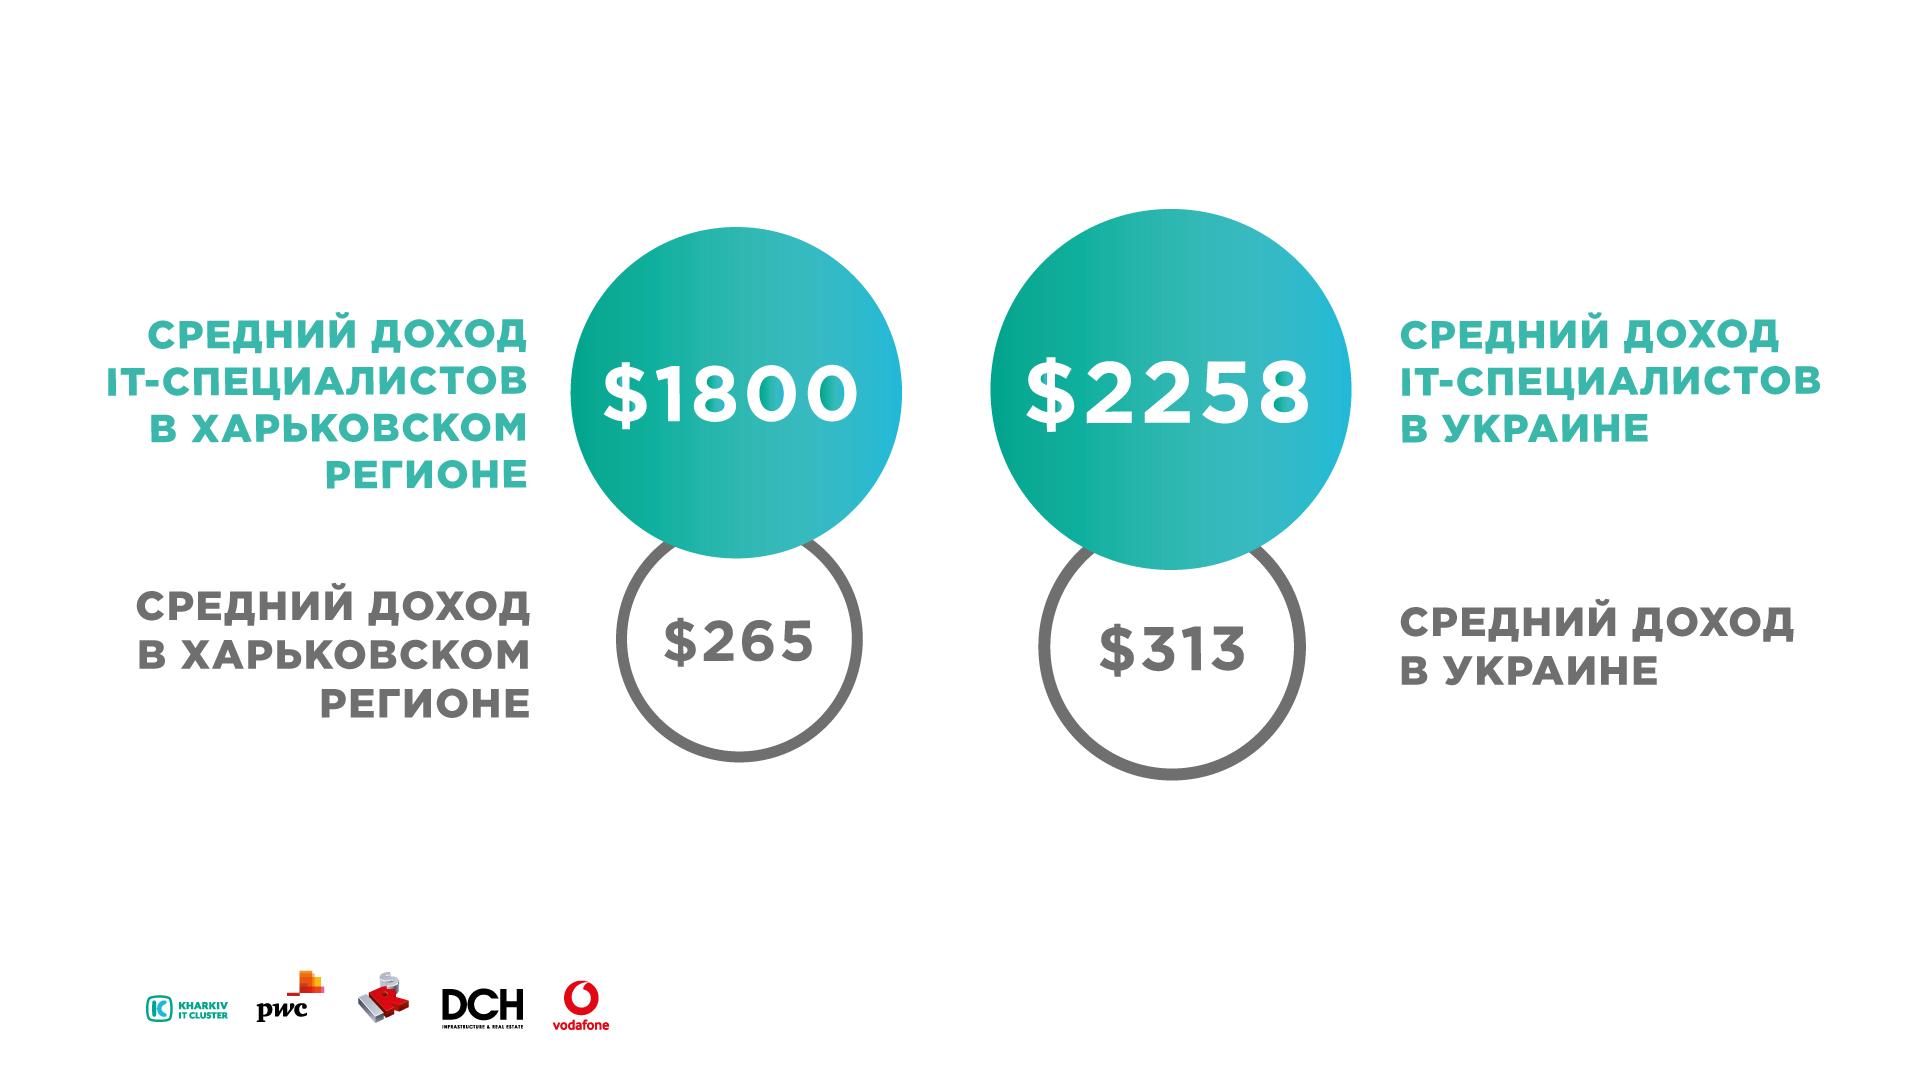 Infographics_research3 Kharkiv IT-research: 25 000 IT-специалистов, более 450 успешно работающих компаний и 5 млрд. гривен налогов в бюджет Украины